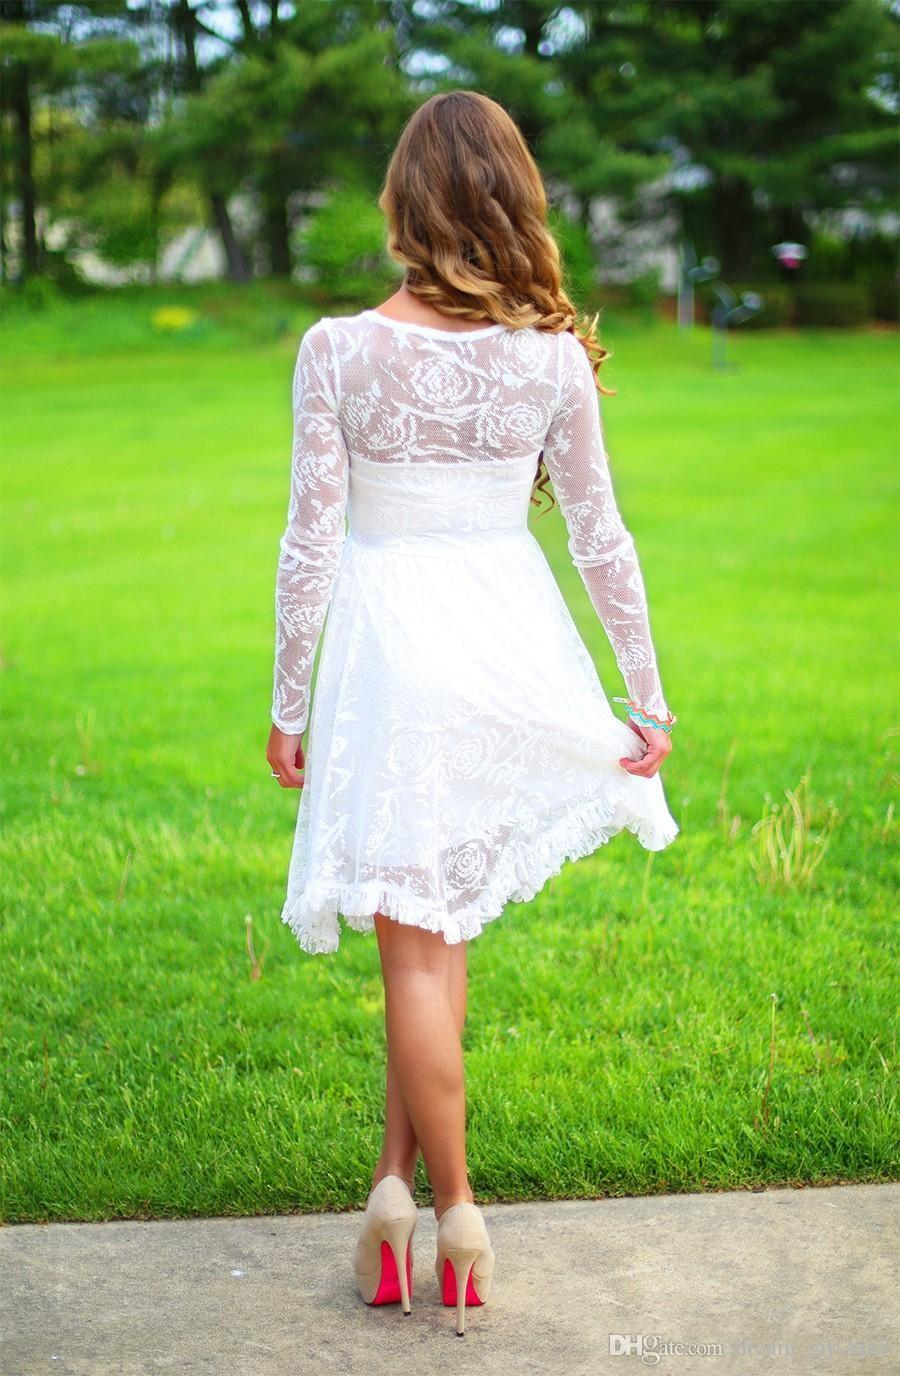 Kurze Land Brautkleider mit langen Ärmeln Kristallausschnitt knielangen Spitze Brautkleider Short Beach Brautkleid